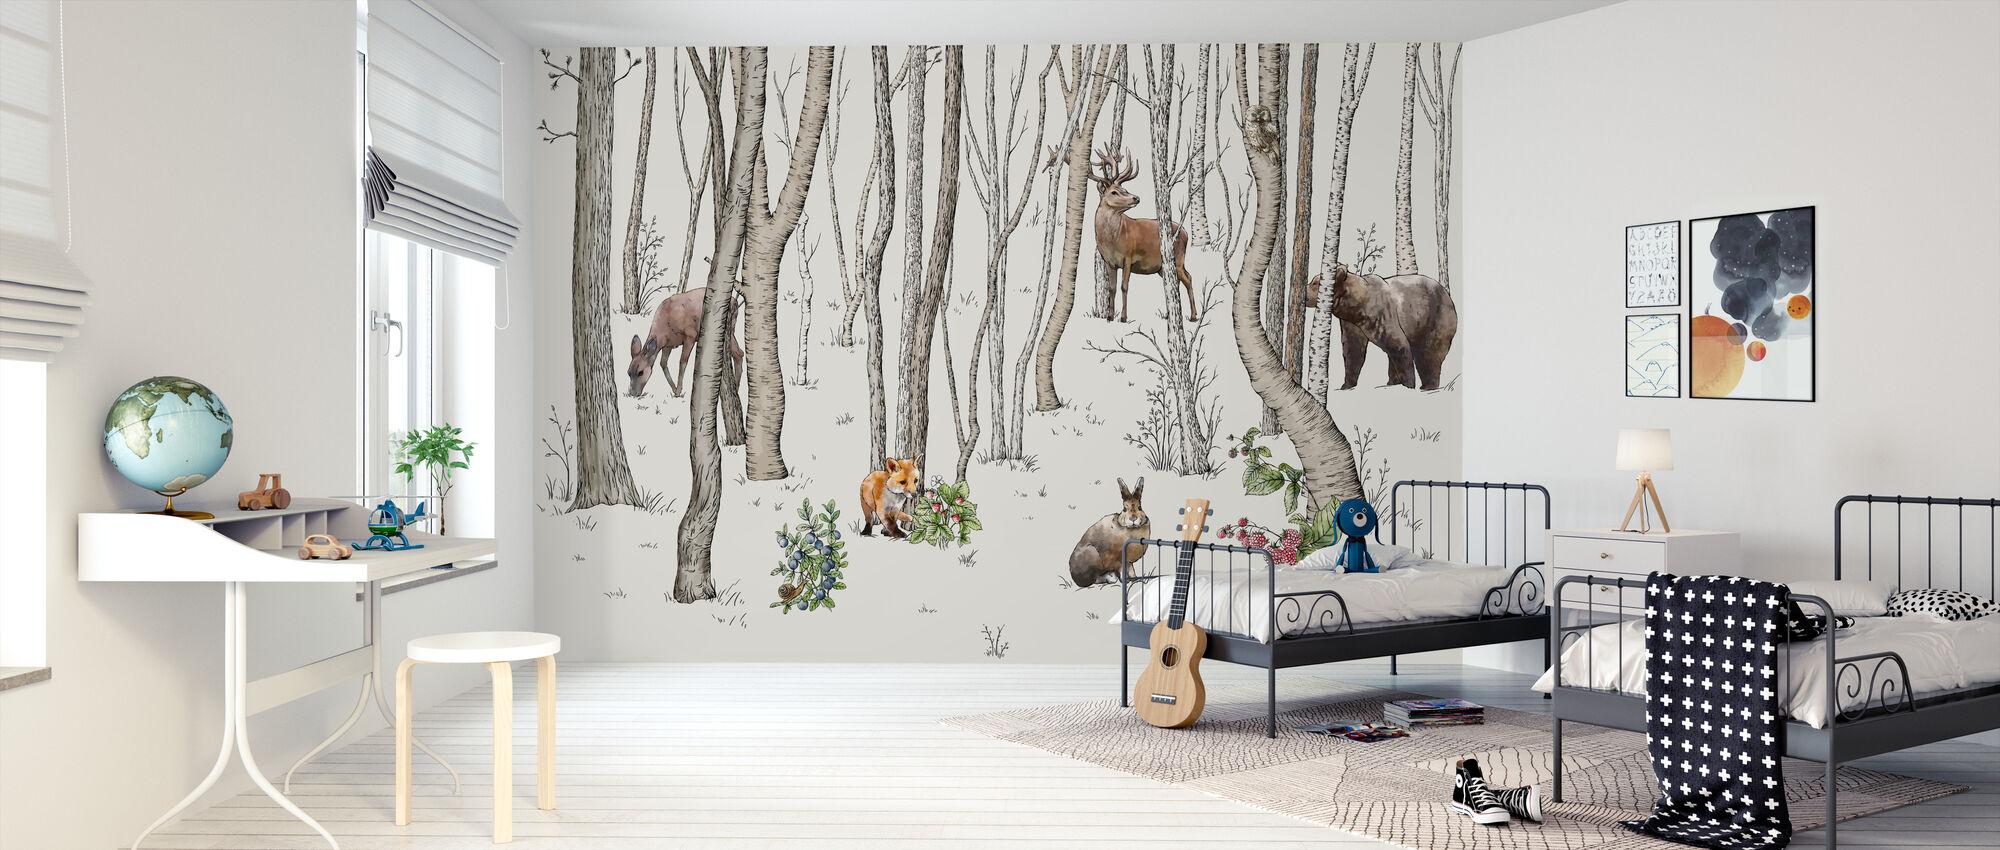 Metsän eläimet - Tapetti - Lastenhuone